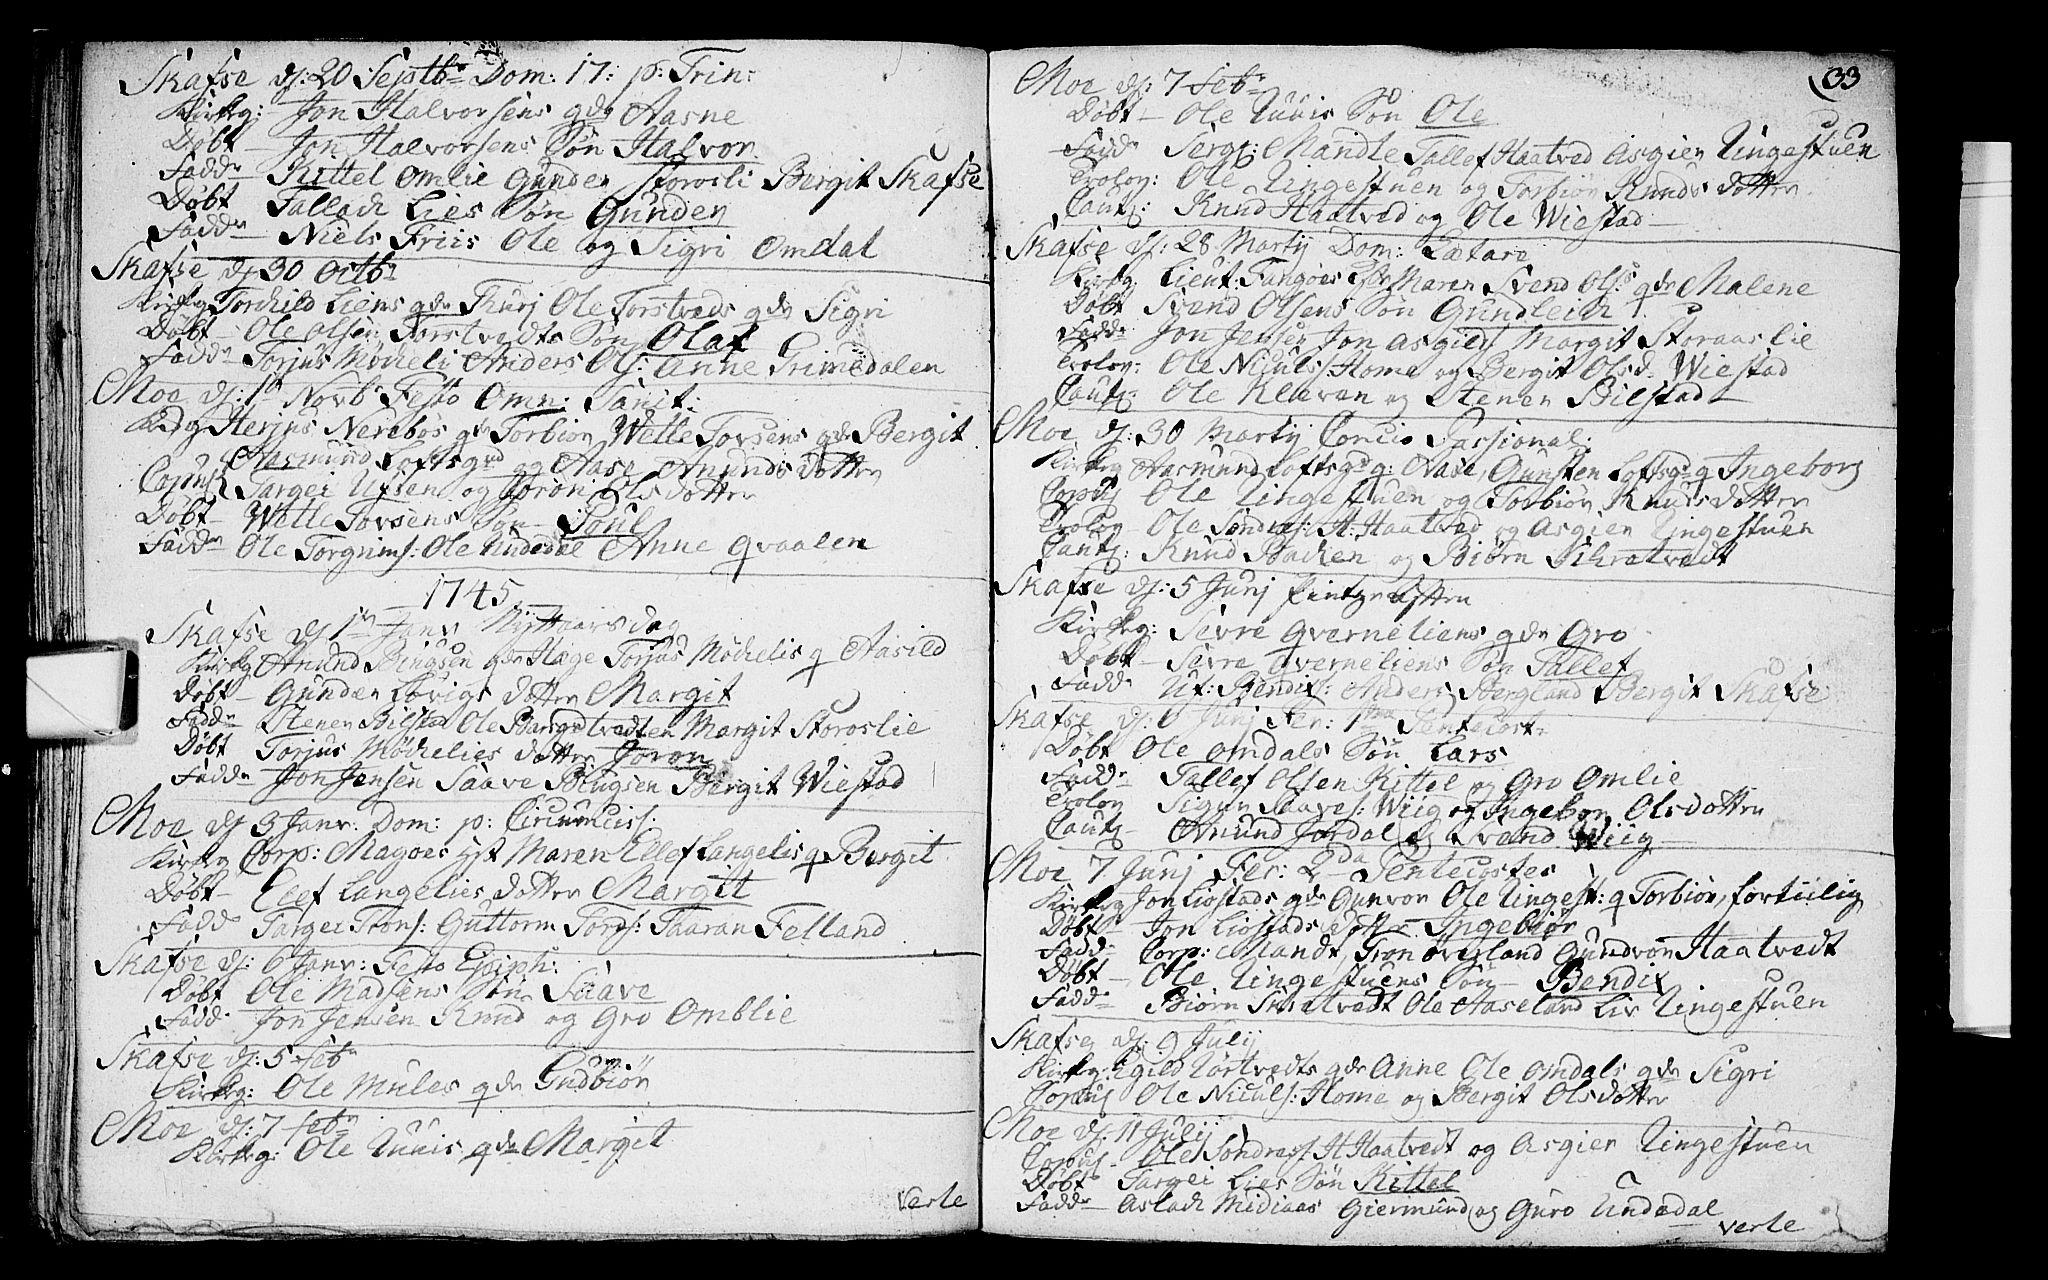 SAKO, Mo kirkebøker, F/Fa/L0001: Ministerialbok nr. I 1, 1724-1748, s. 33